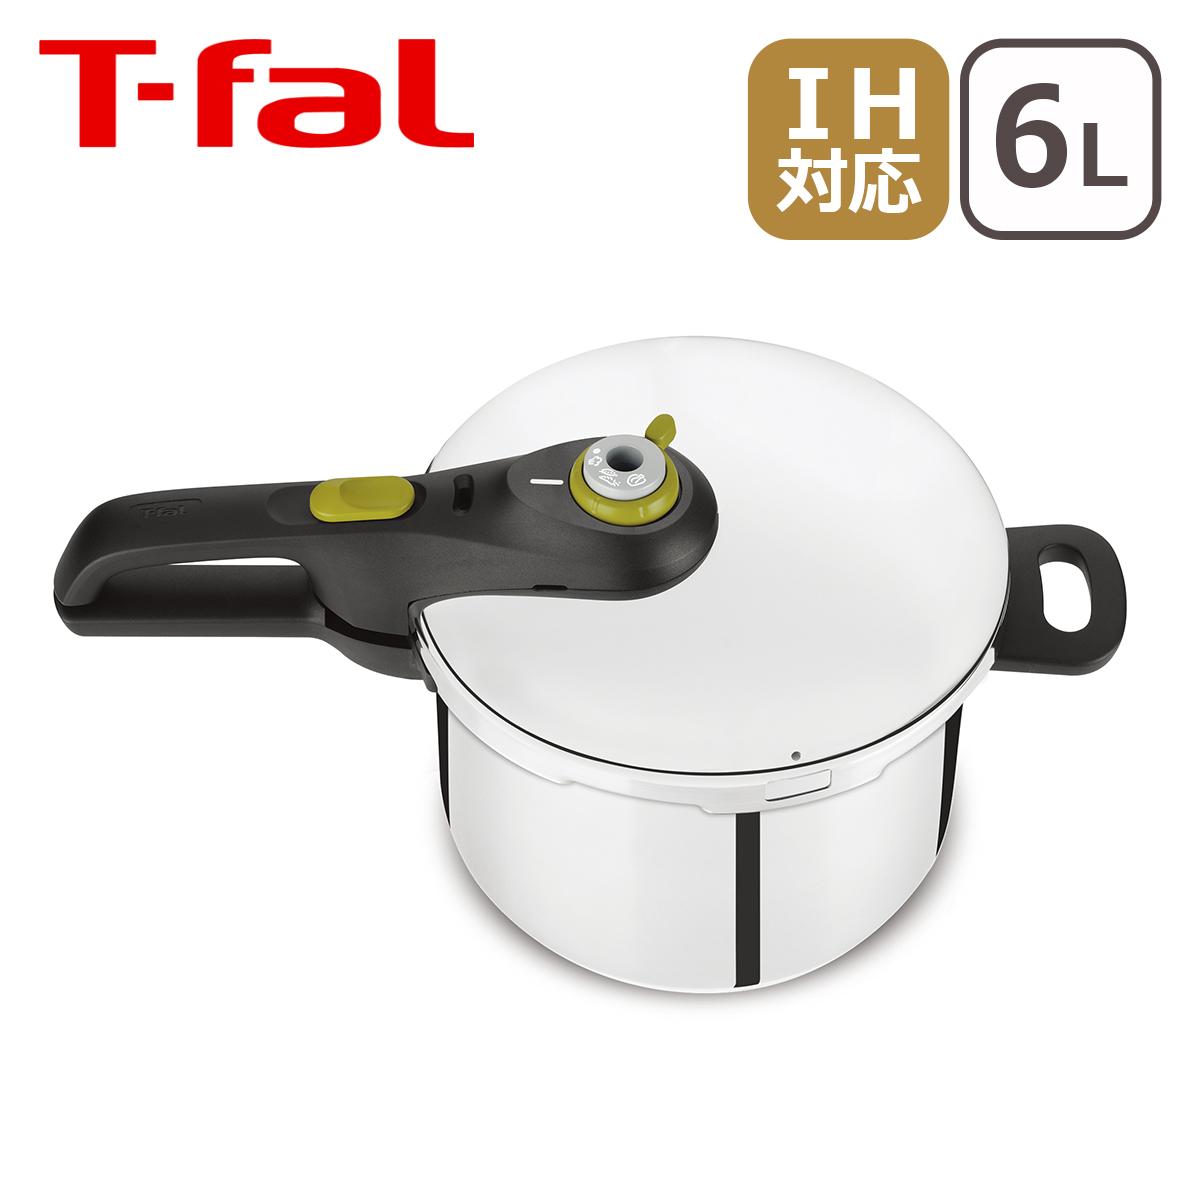 ティファール 圧力鍋 セキュア ネオ 6L(7114000513) P2530744 片手式 T-fal